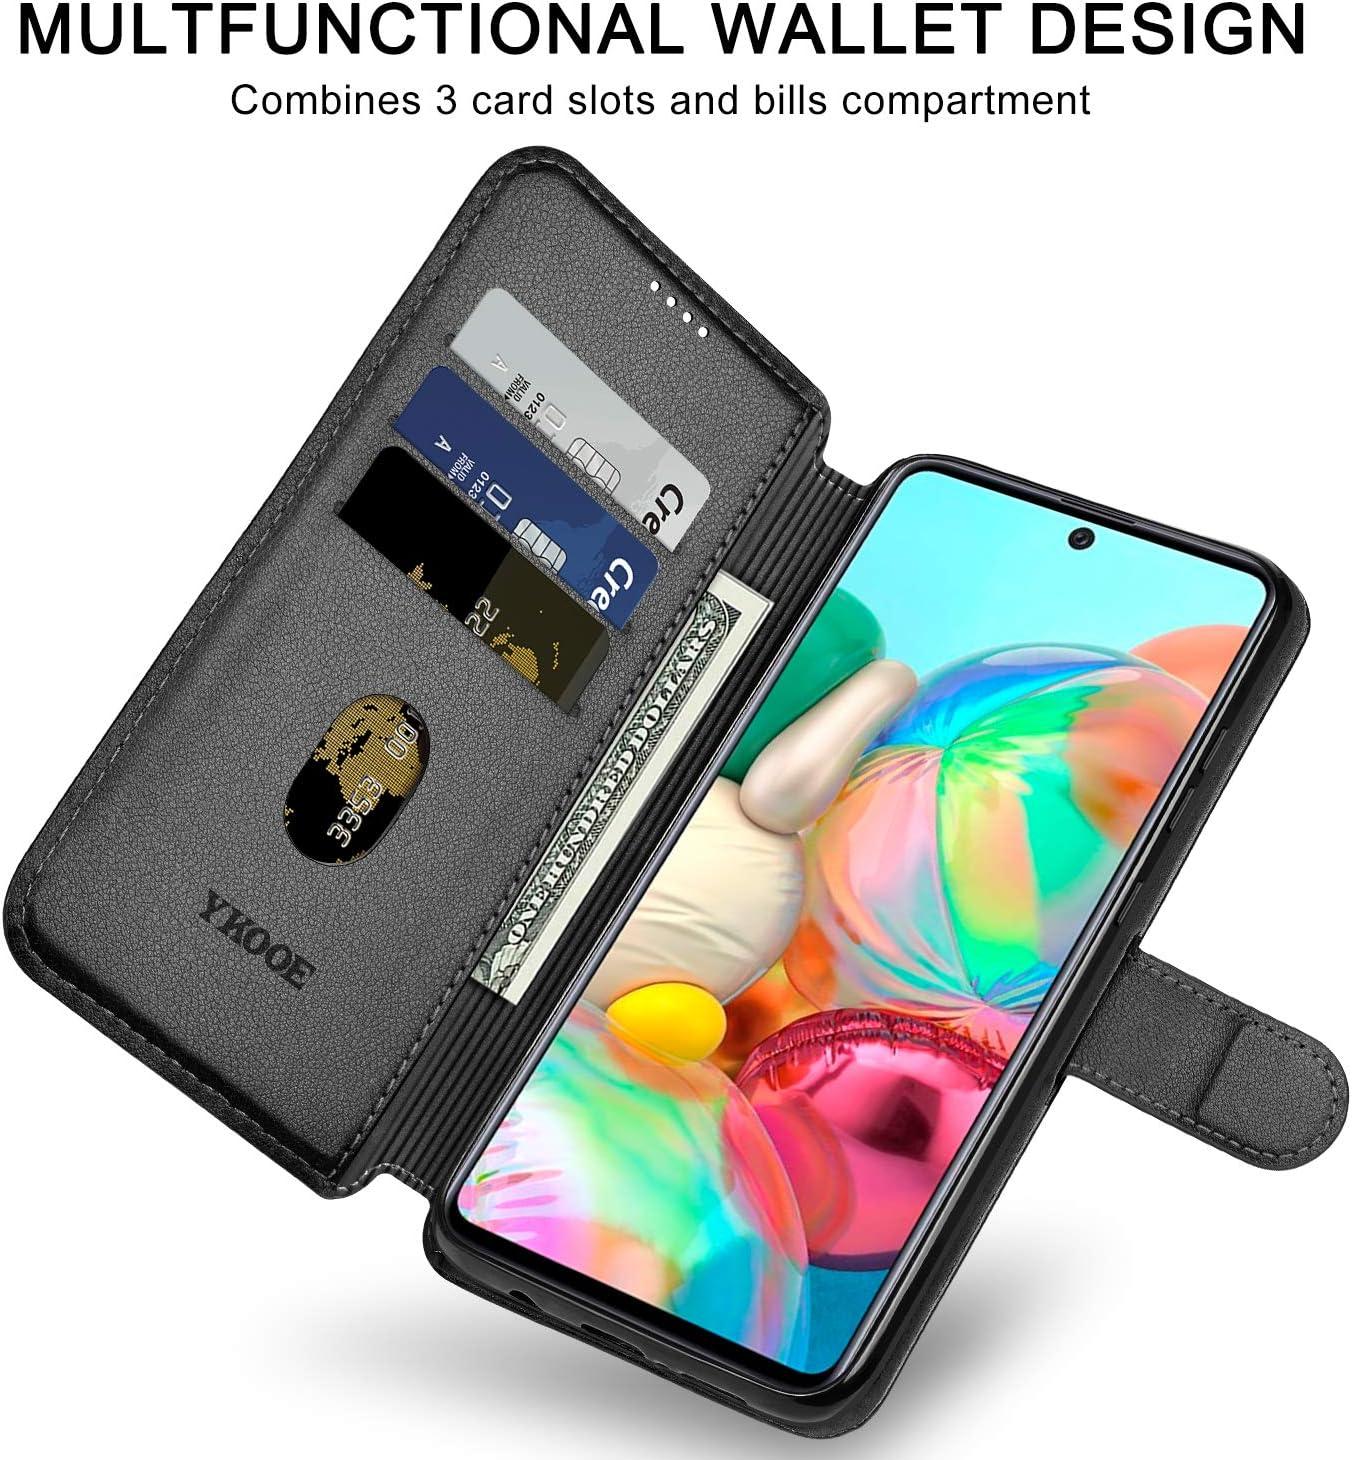 Hochwertige PU Leder Handy Schutz H/ülle f/ür Samsung Galaxy A71 Flip Tasche Schwarz ykooe Handyh/ülle Kompatibel mit Samsung Galaxy A71 H/ülle